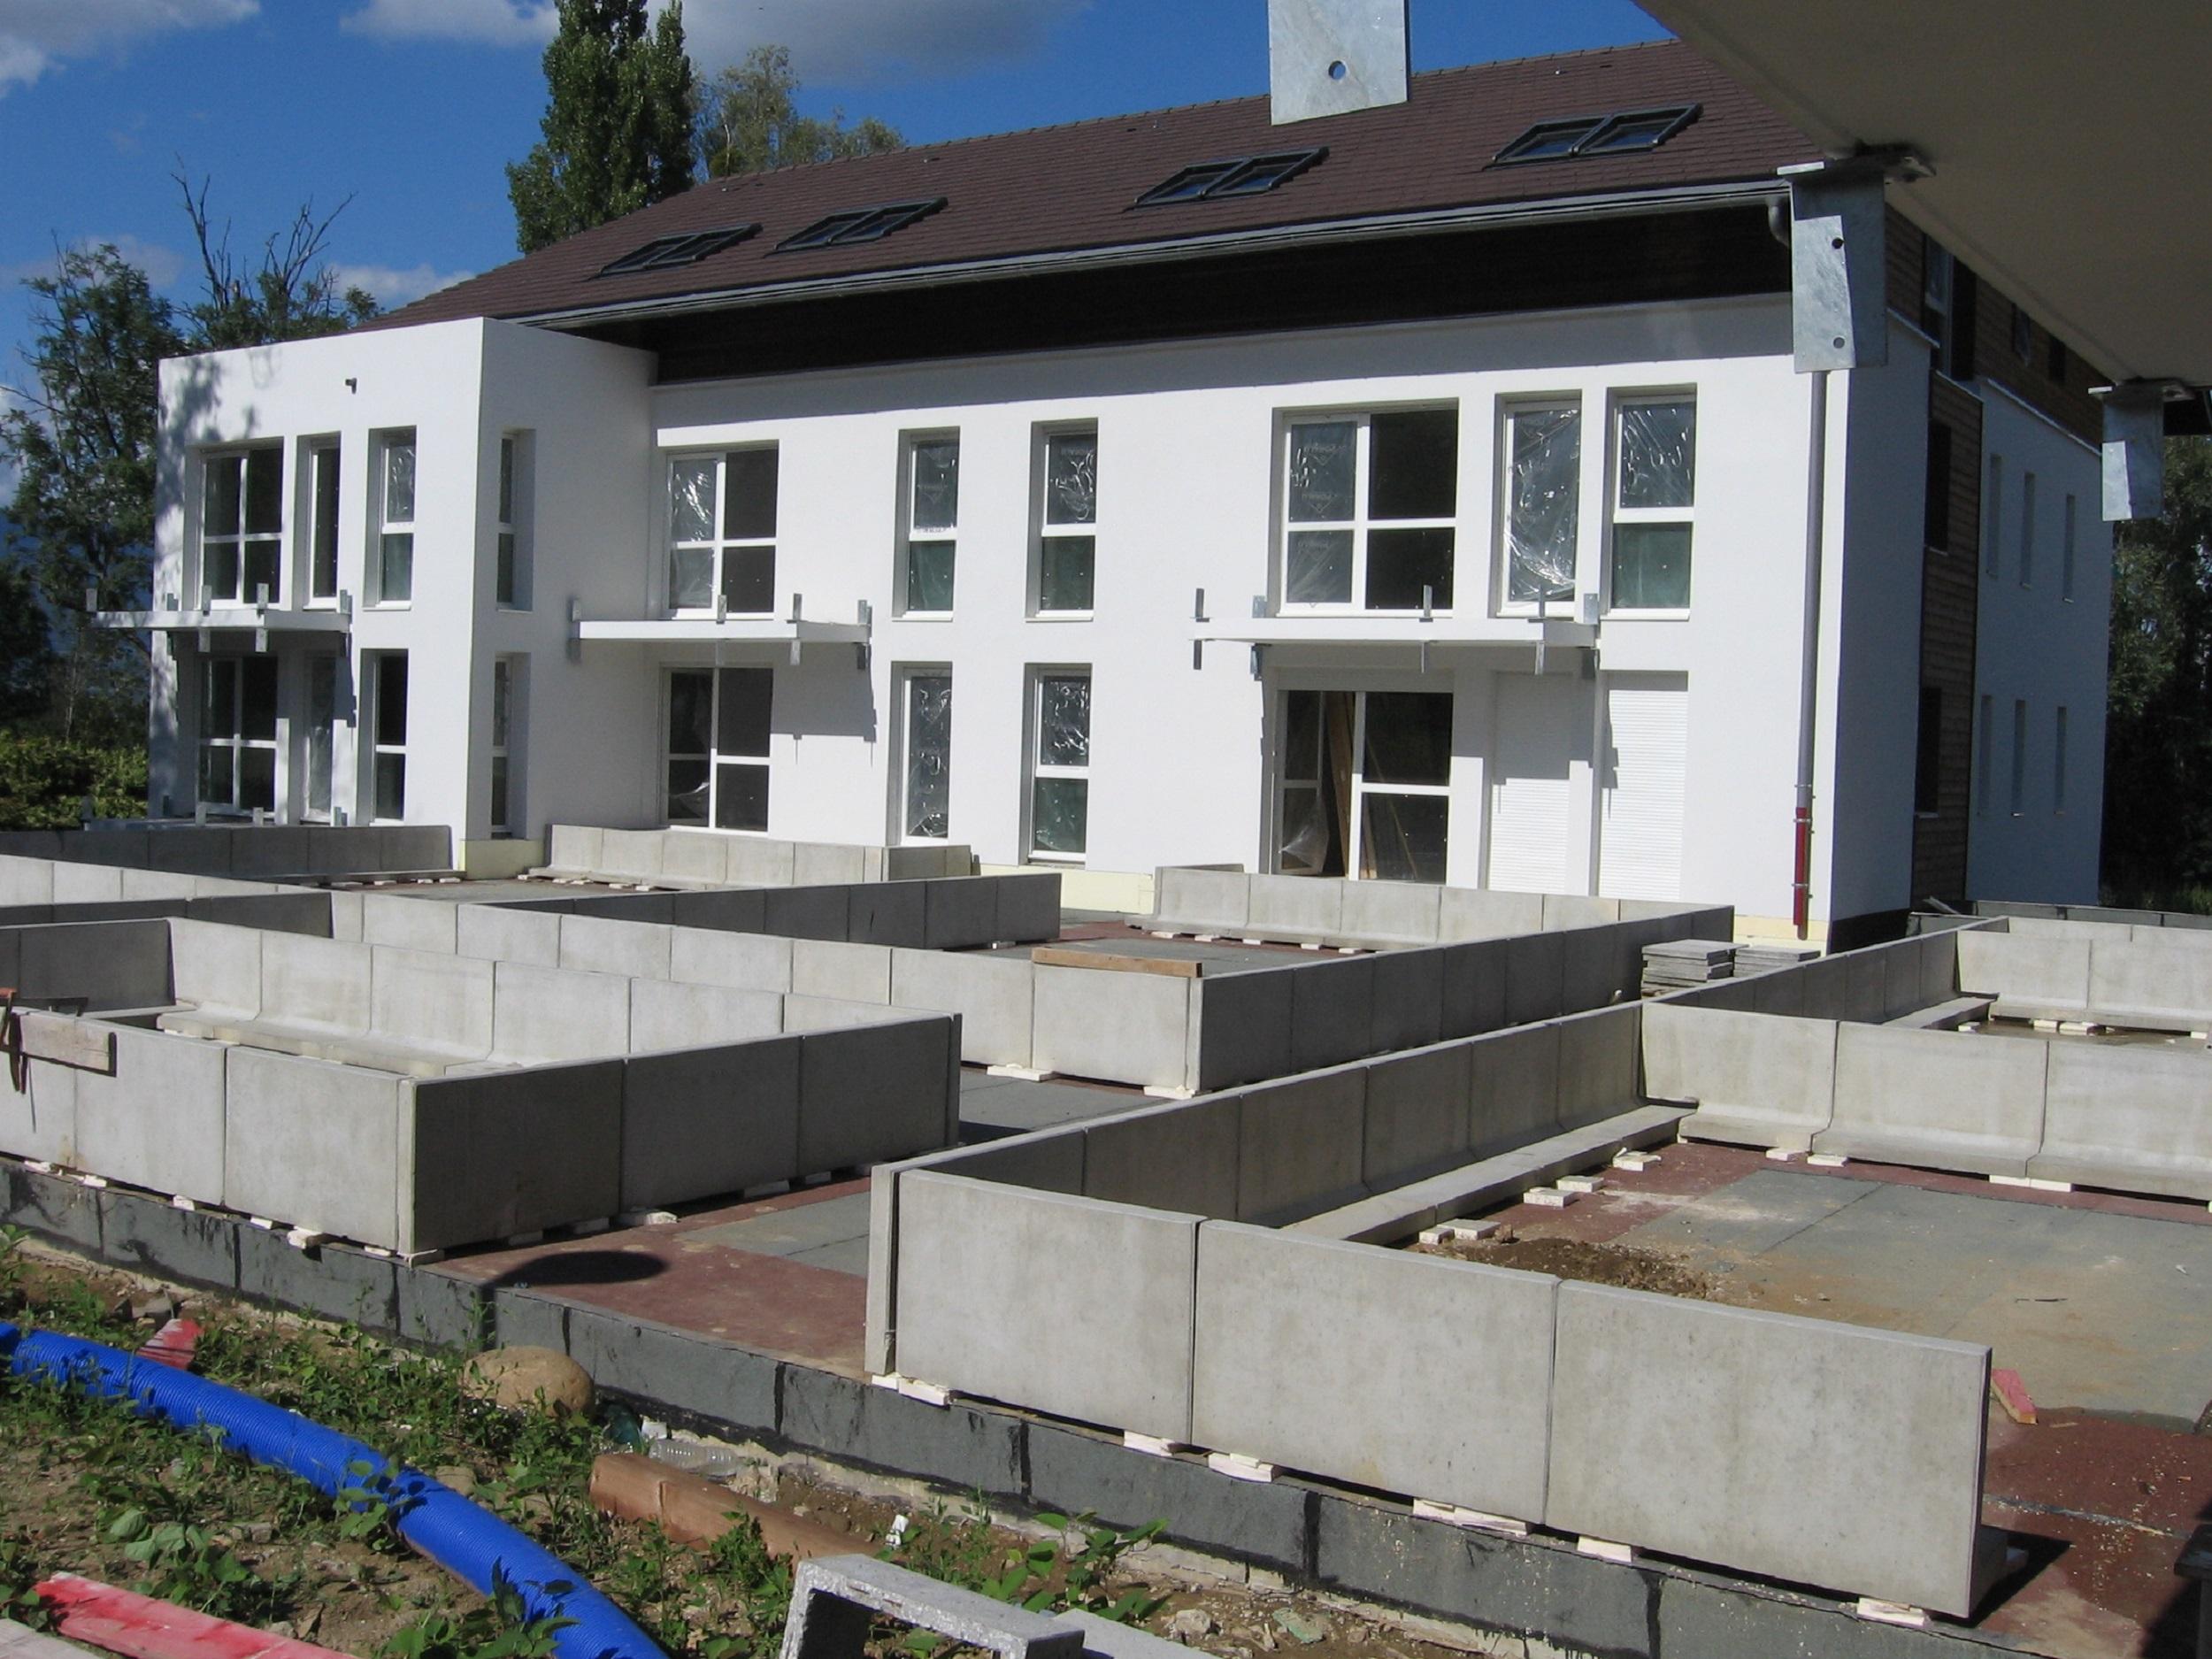 Bâtiment C & B, Aménagements extérieurs